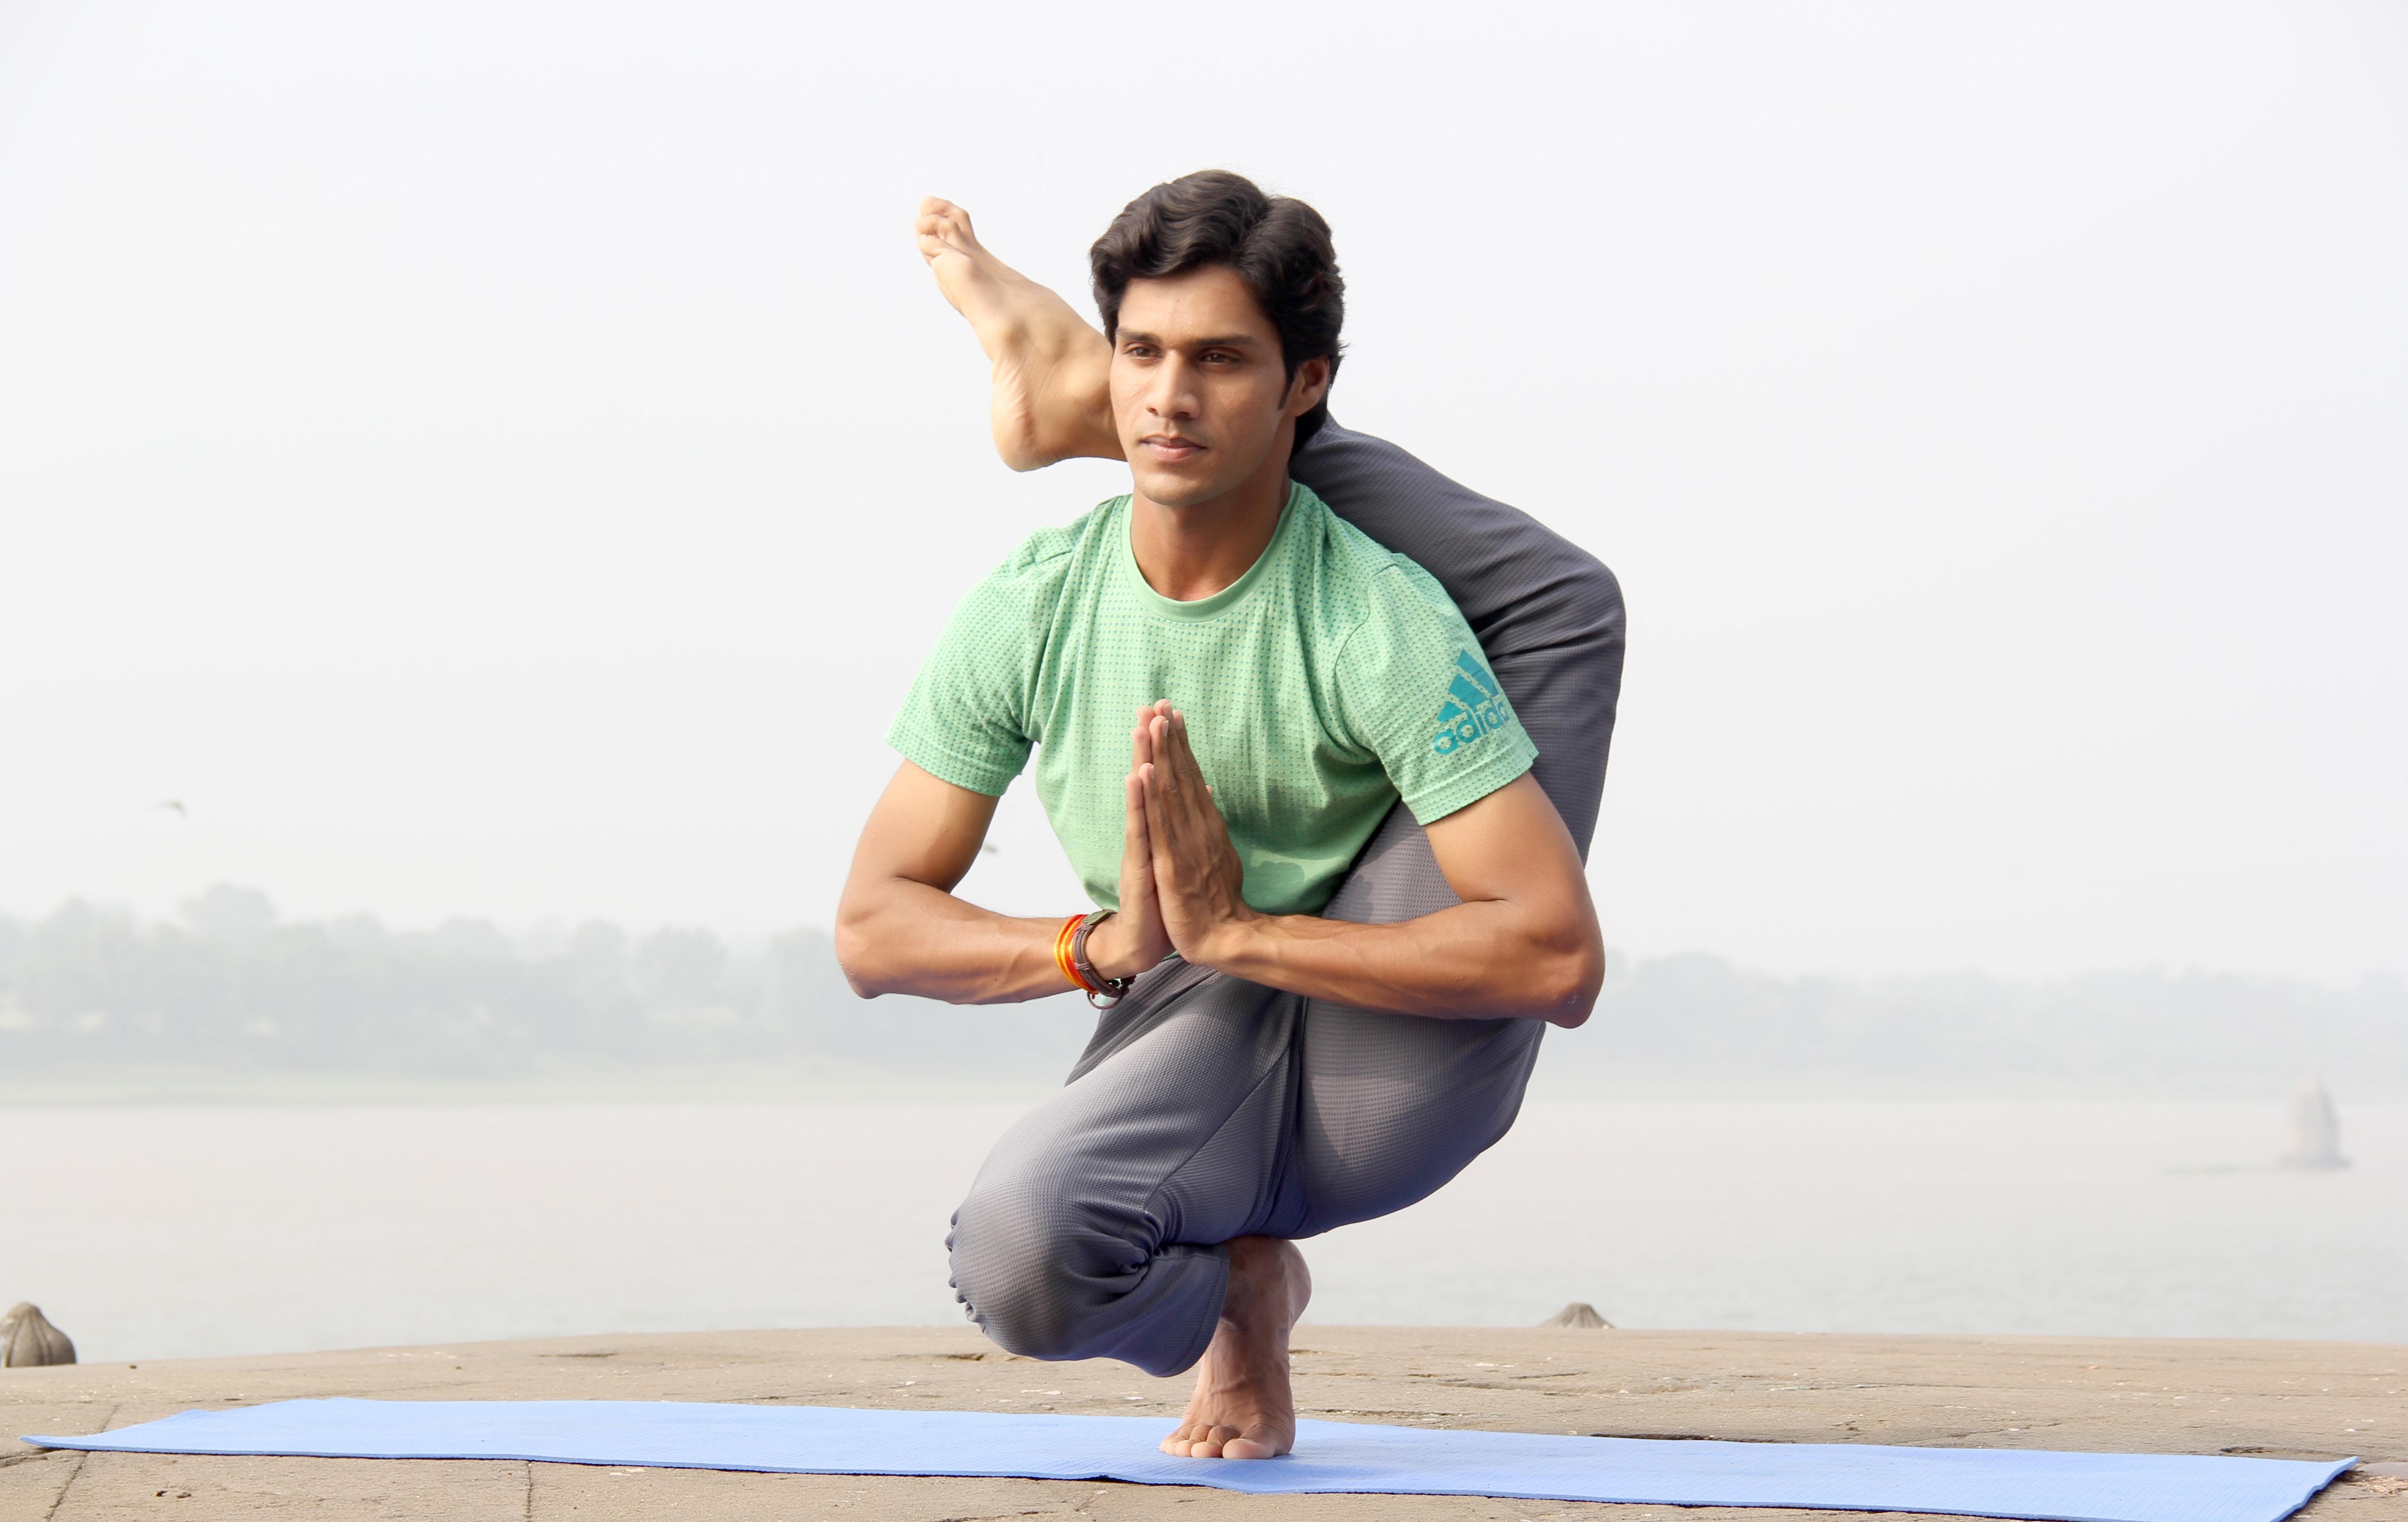 indian-yogi-yogi-madhav-740059-unsplash